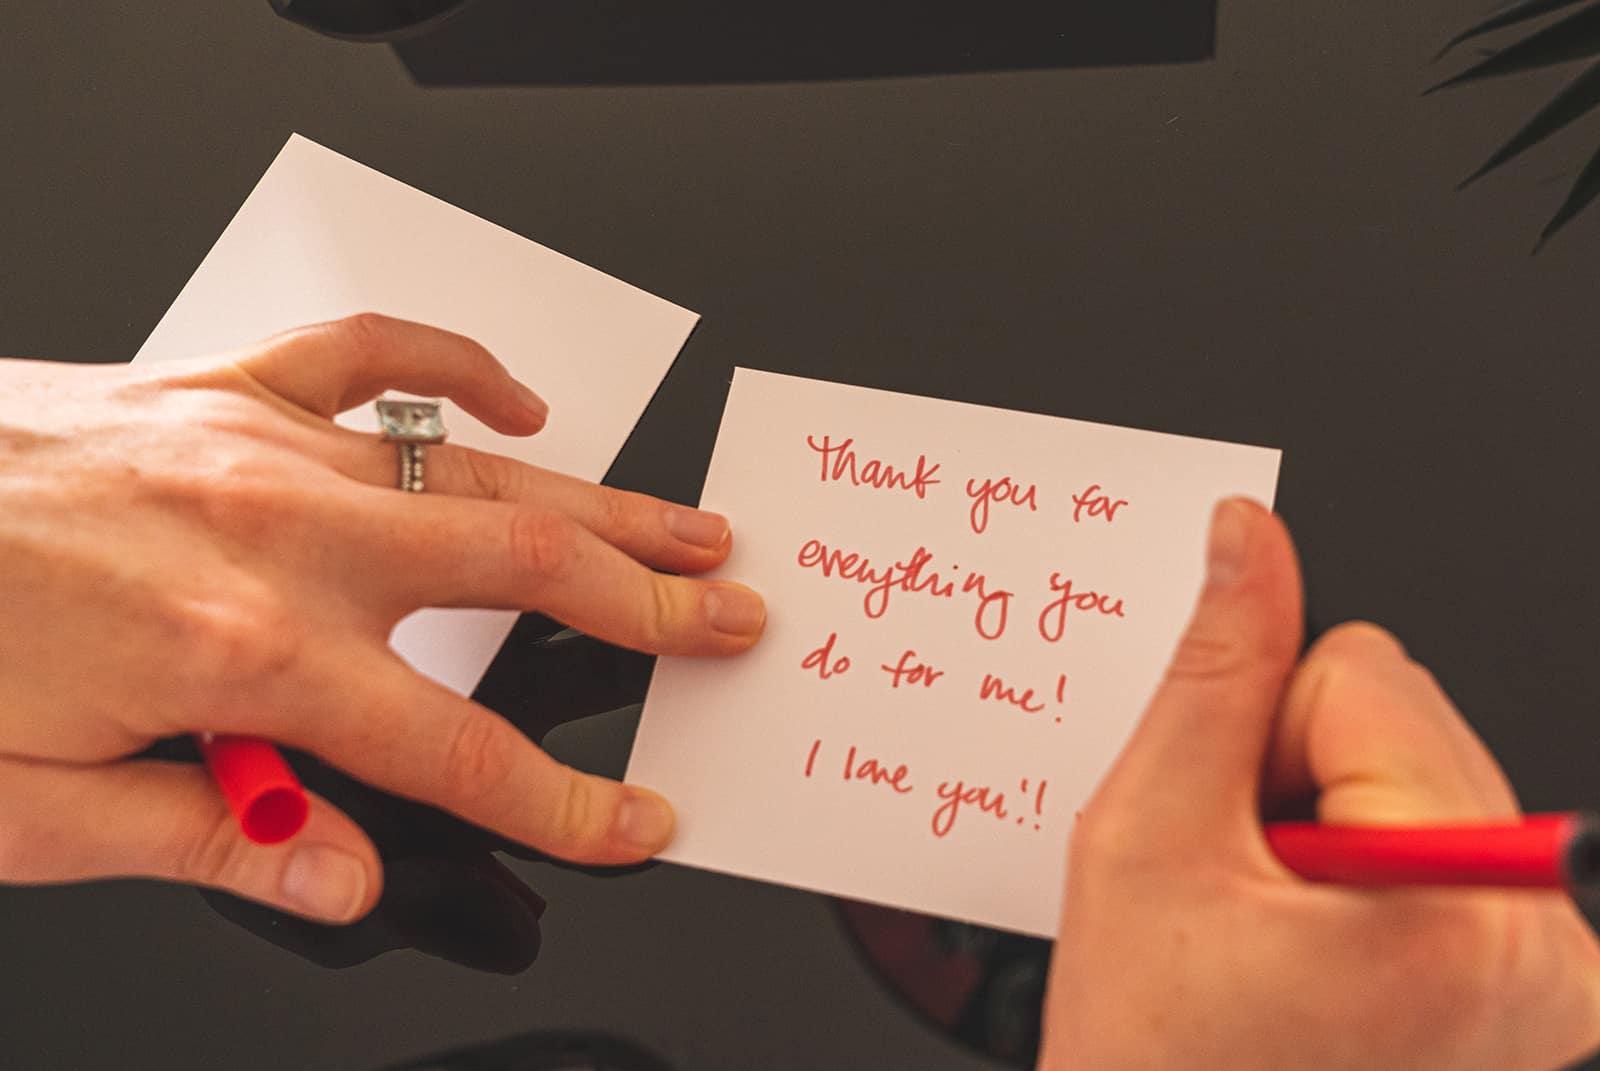 Frau, die eine Nachricht auf eine Notiz mit einem roten Stift schreibt